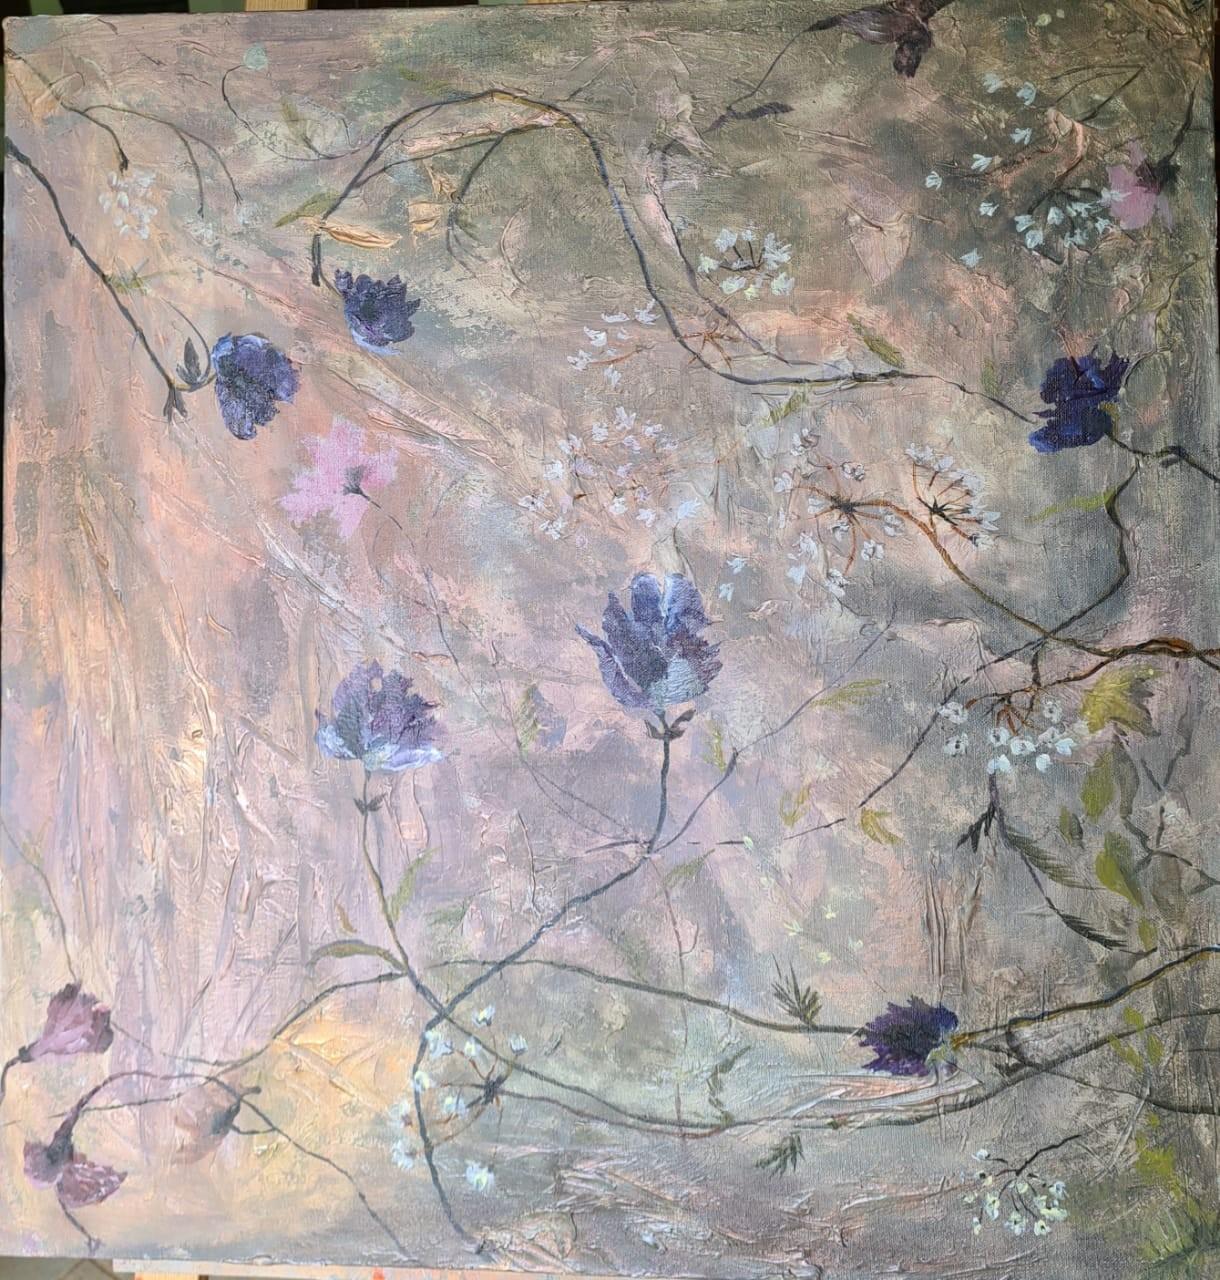 Flowers in the wild by Jean wijesekera